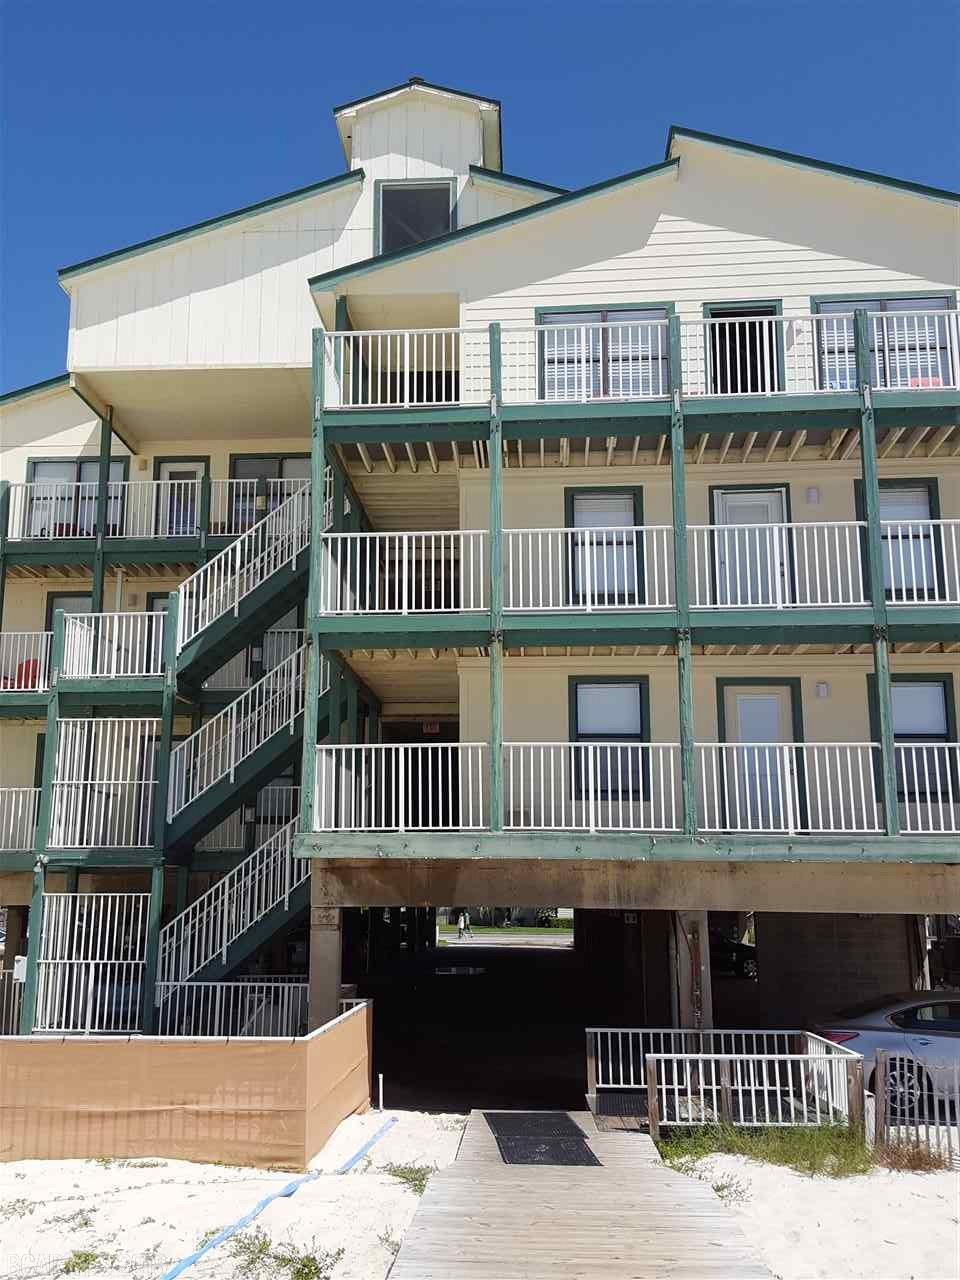 Sundial Condo For Sale, Gulf Shores AL ·U.S. Beaches